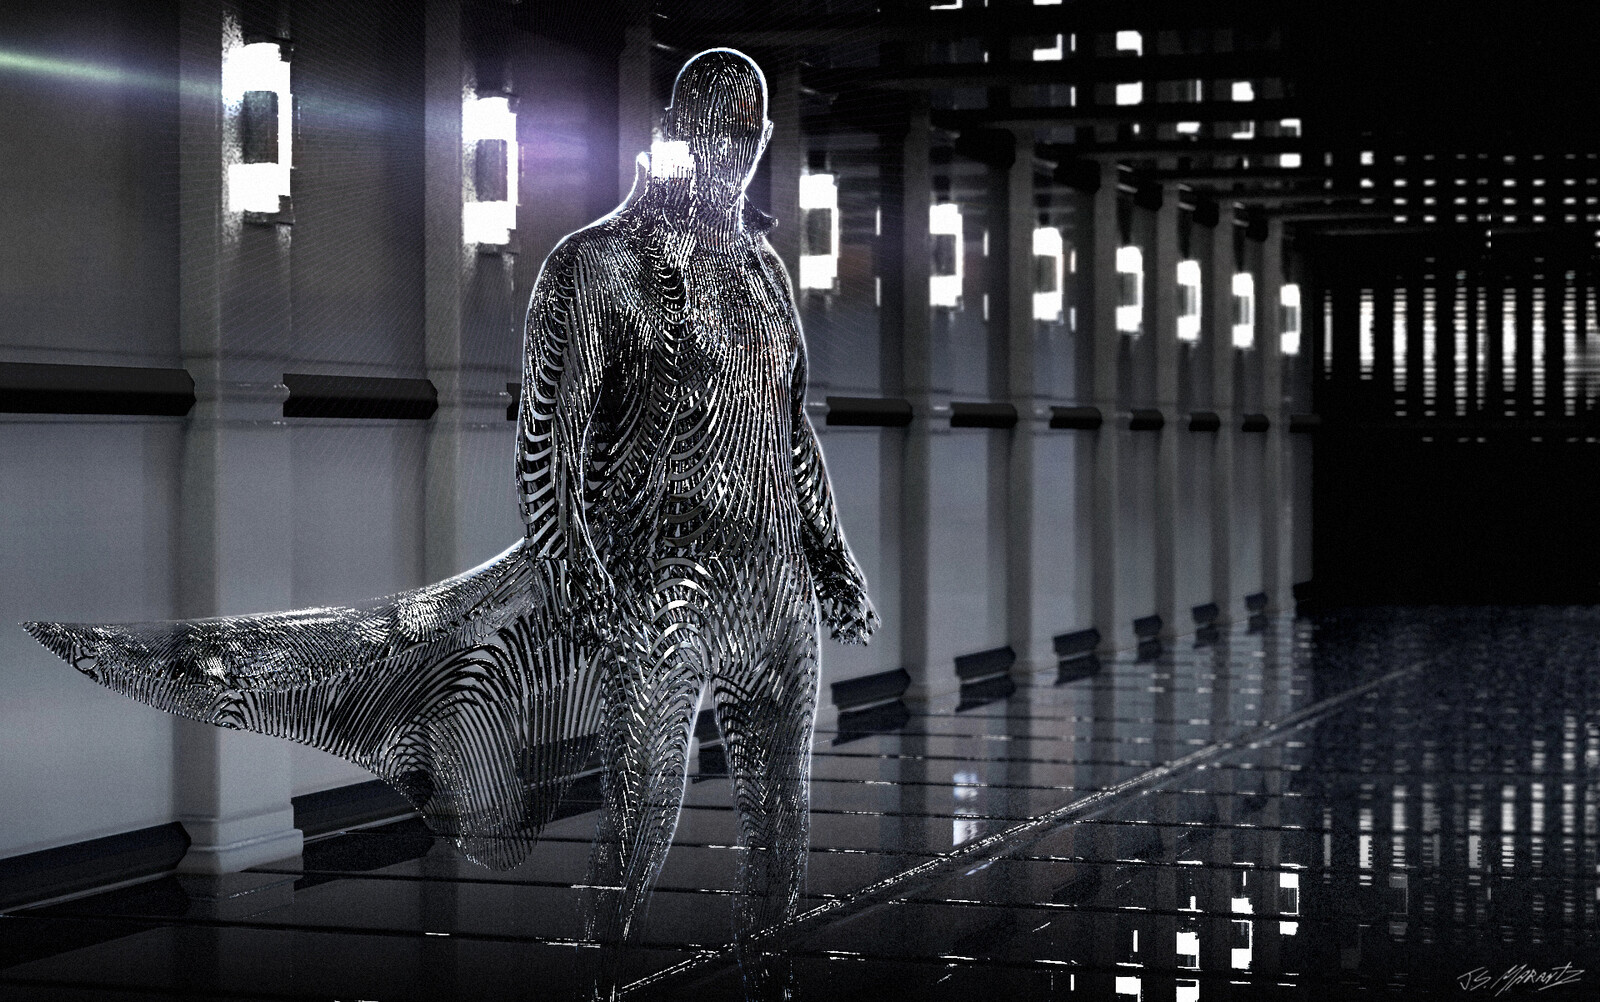 DR Strange: Zealot Concepts